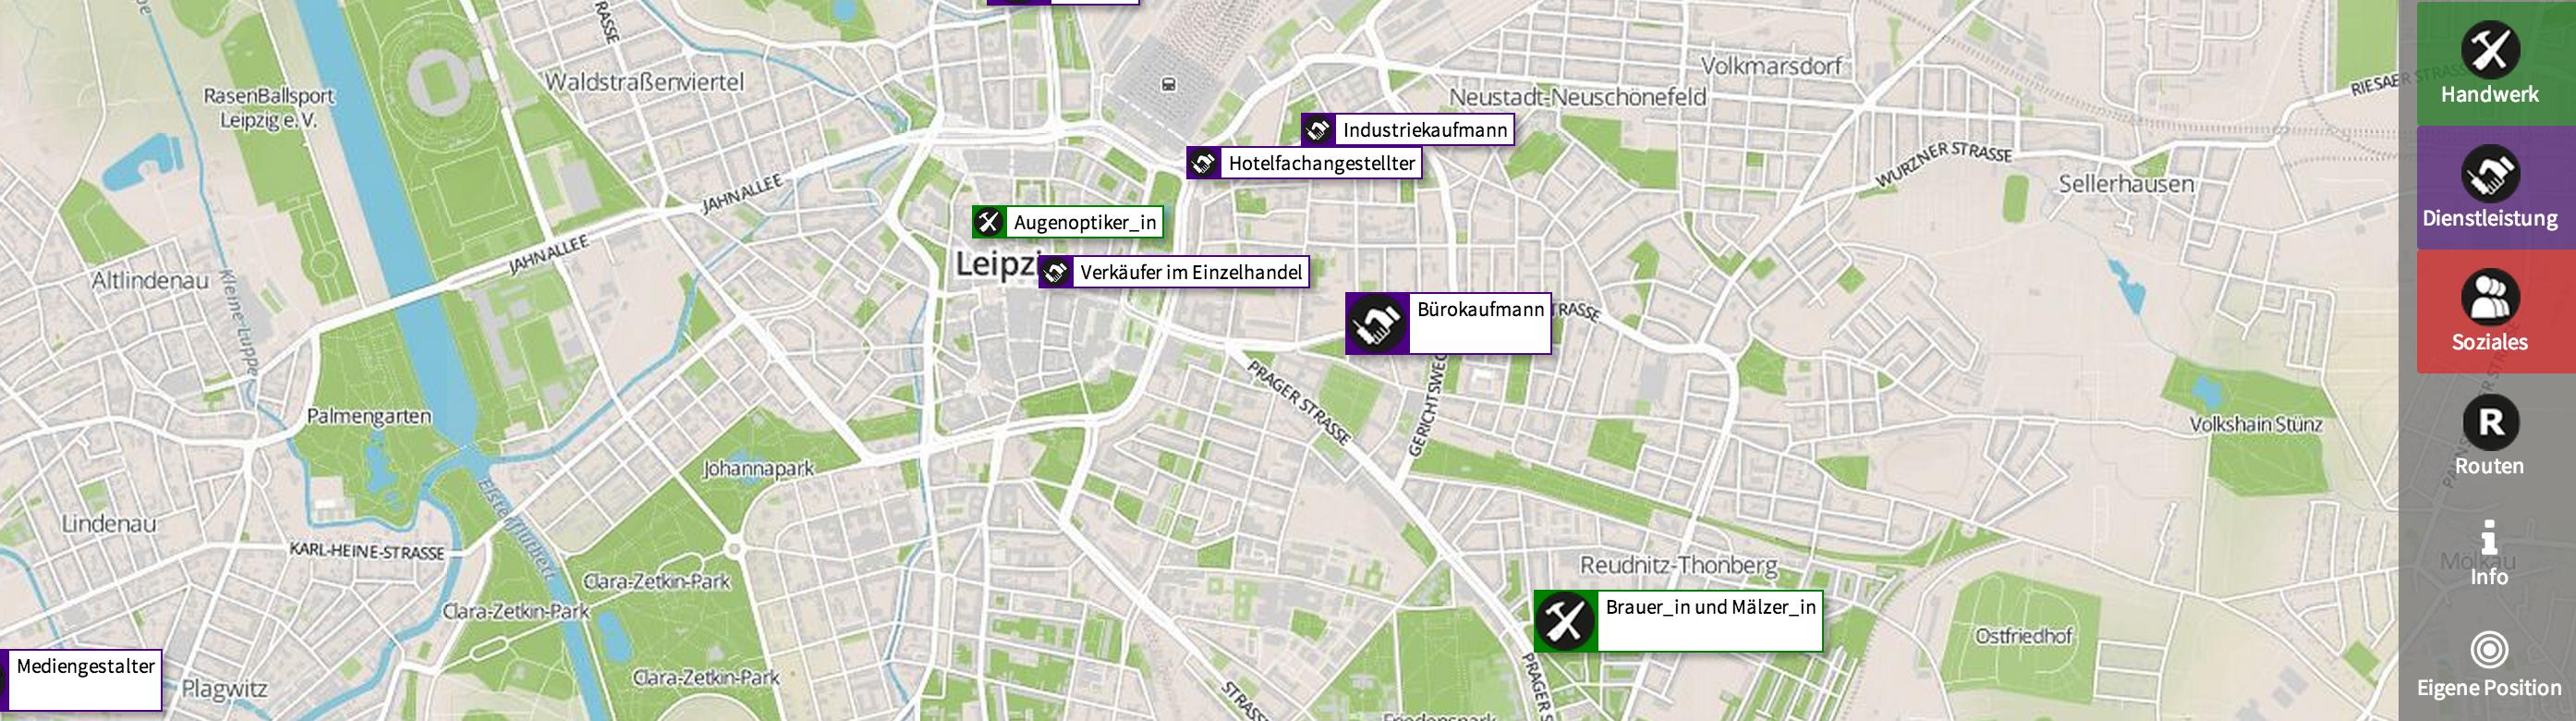 Berufsrouten Leipzig starten zu den Berufsweltmeisterschaften